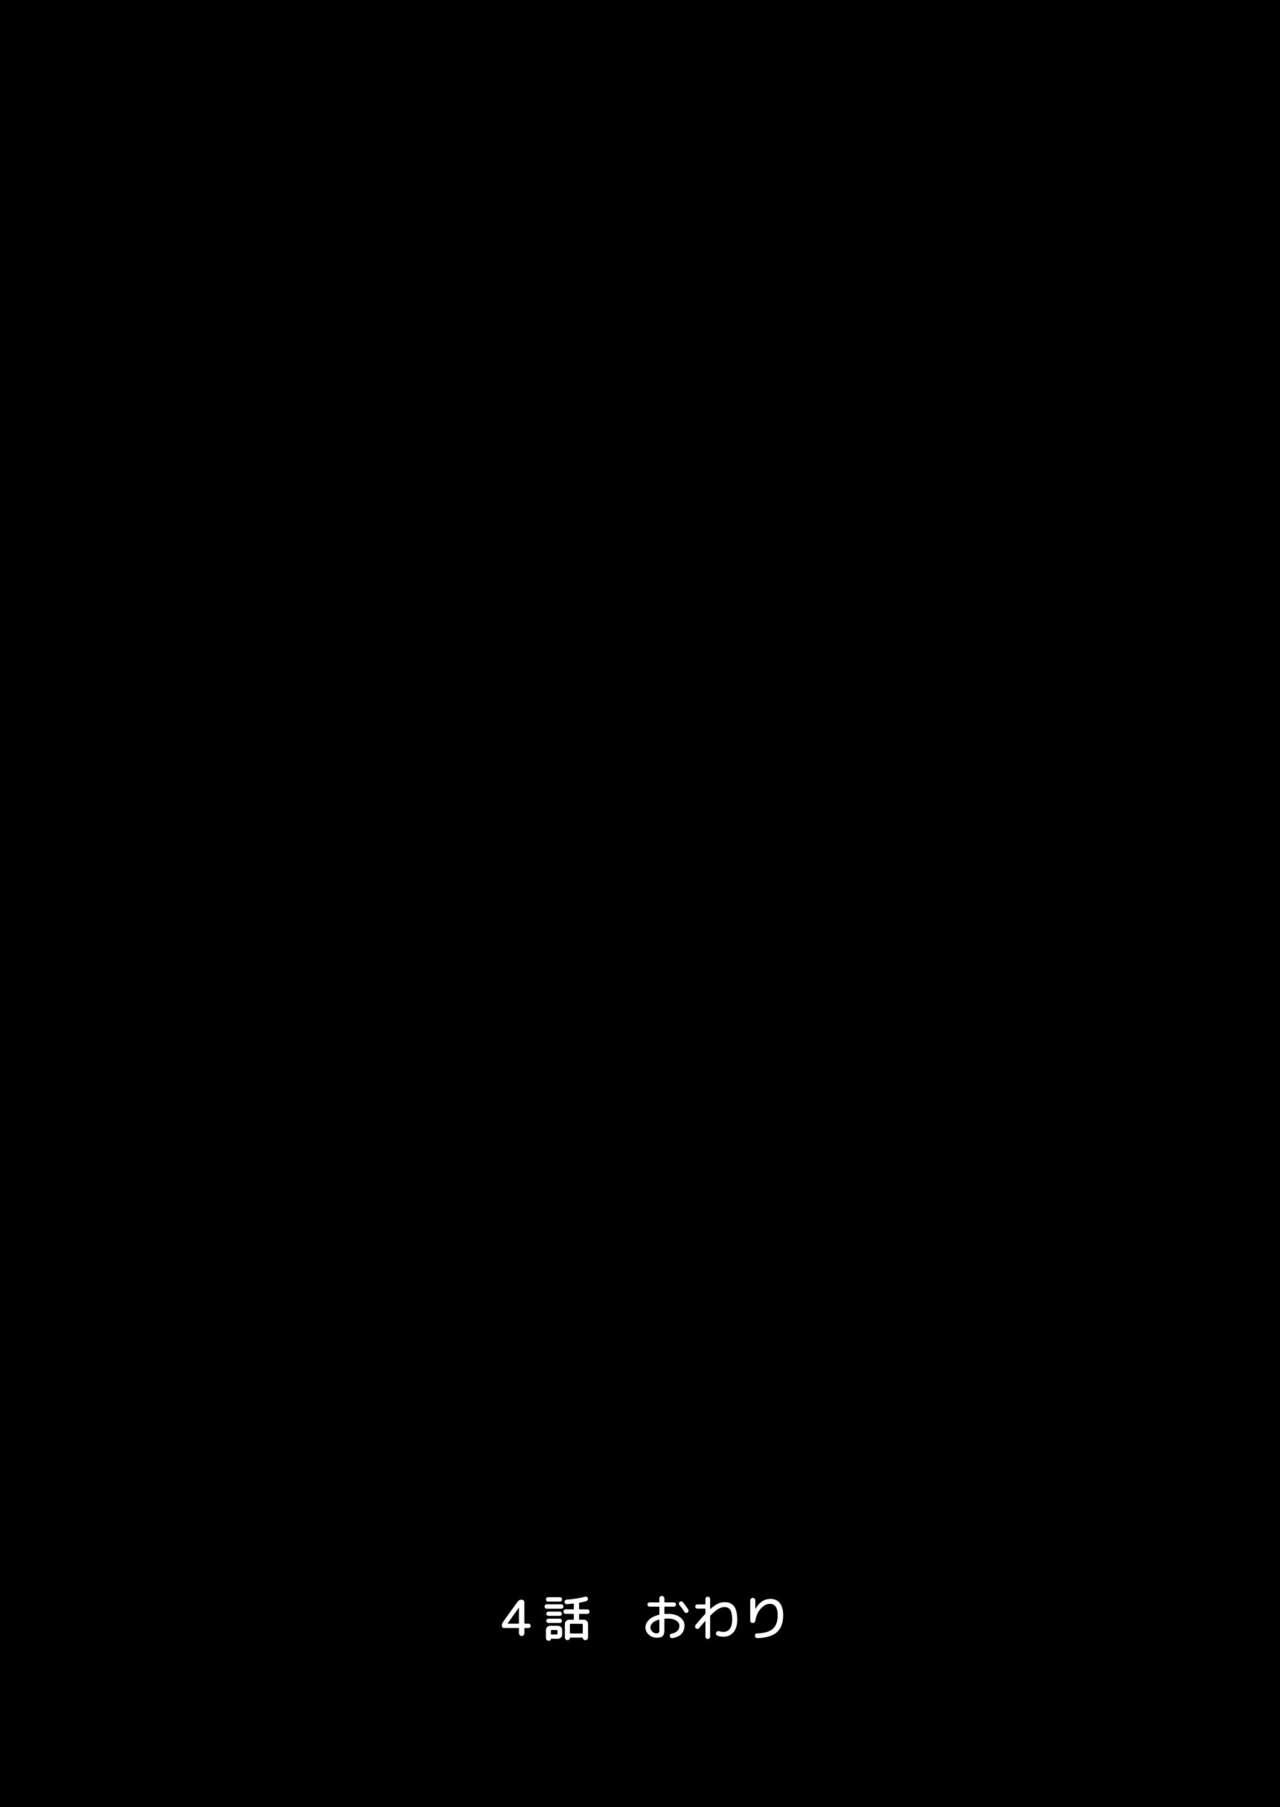 【エロ漫画】(5/7)無人島生活で貴重な漂流物でアメ玉を見つけたボブが可愛い巨乳JK吉村さん…アメ玉の取り合いでも決して均等に割らないほど大好きな吉村さんだったけど泣き落としで陥落!その後袋入のアメを見つけた男の子たちはアメ玉を餌に吉村さんとセックス三昧!【トイレ籠:無人島JK!ちょろいよ吉村さん!第4話〜無人島であめ玉を見つける話〜】